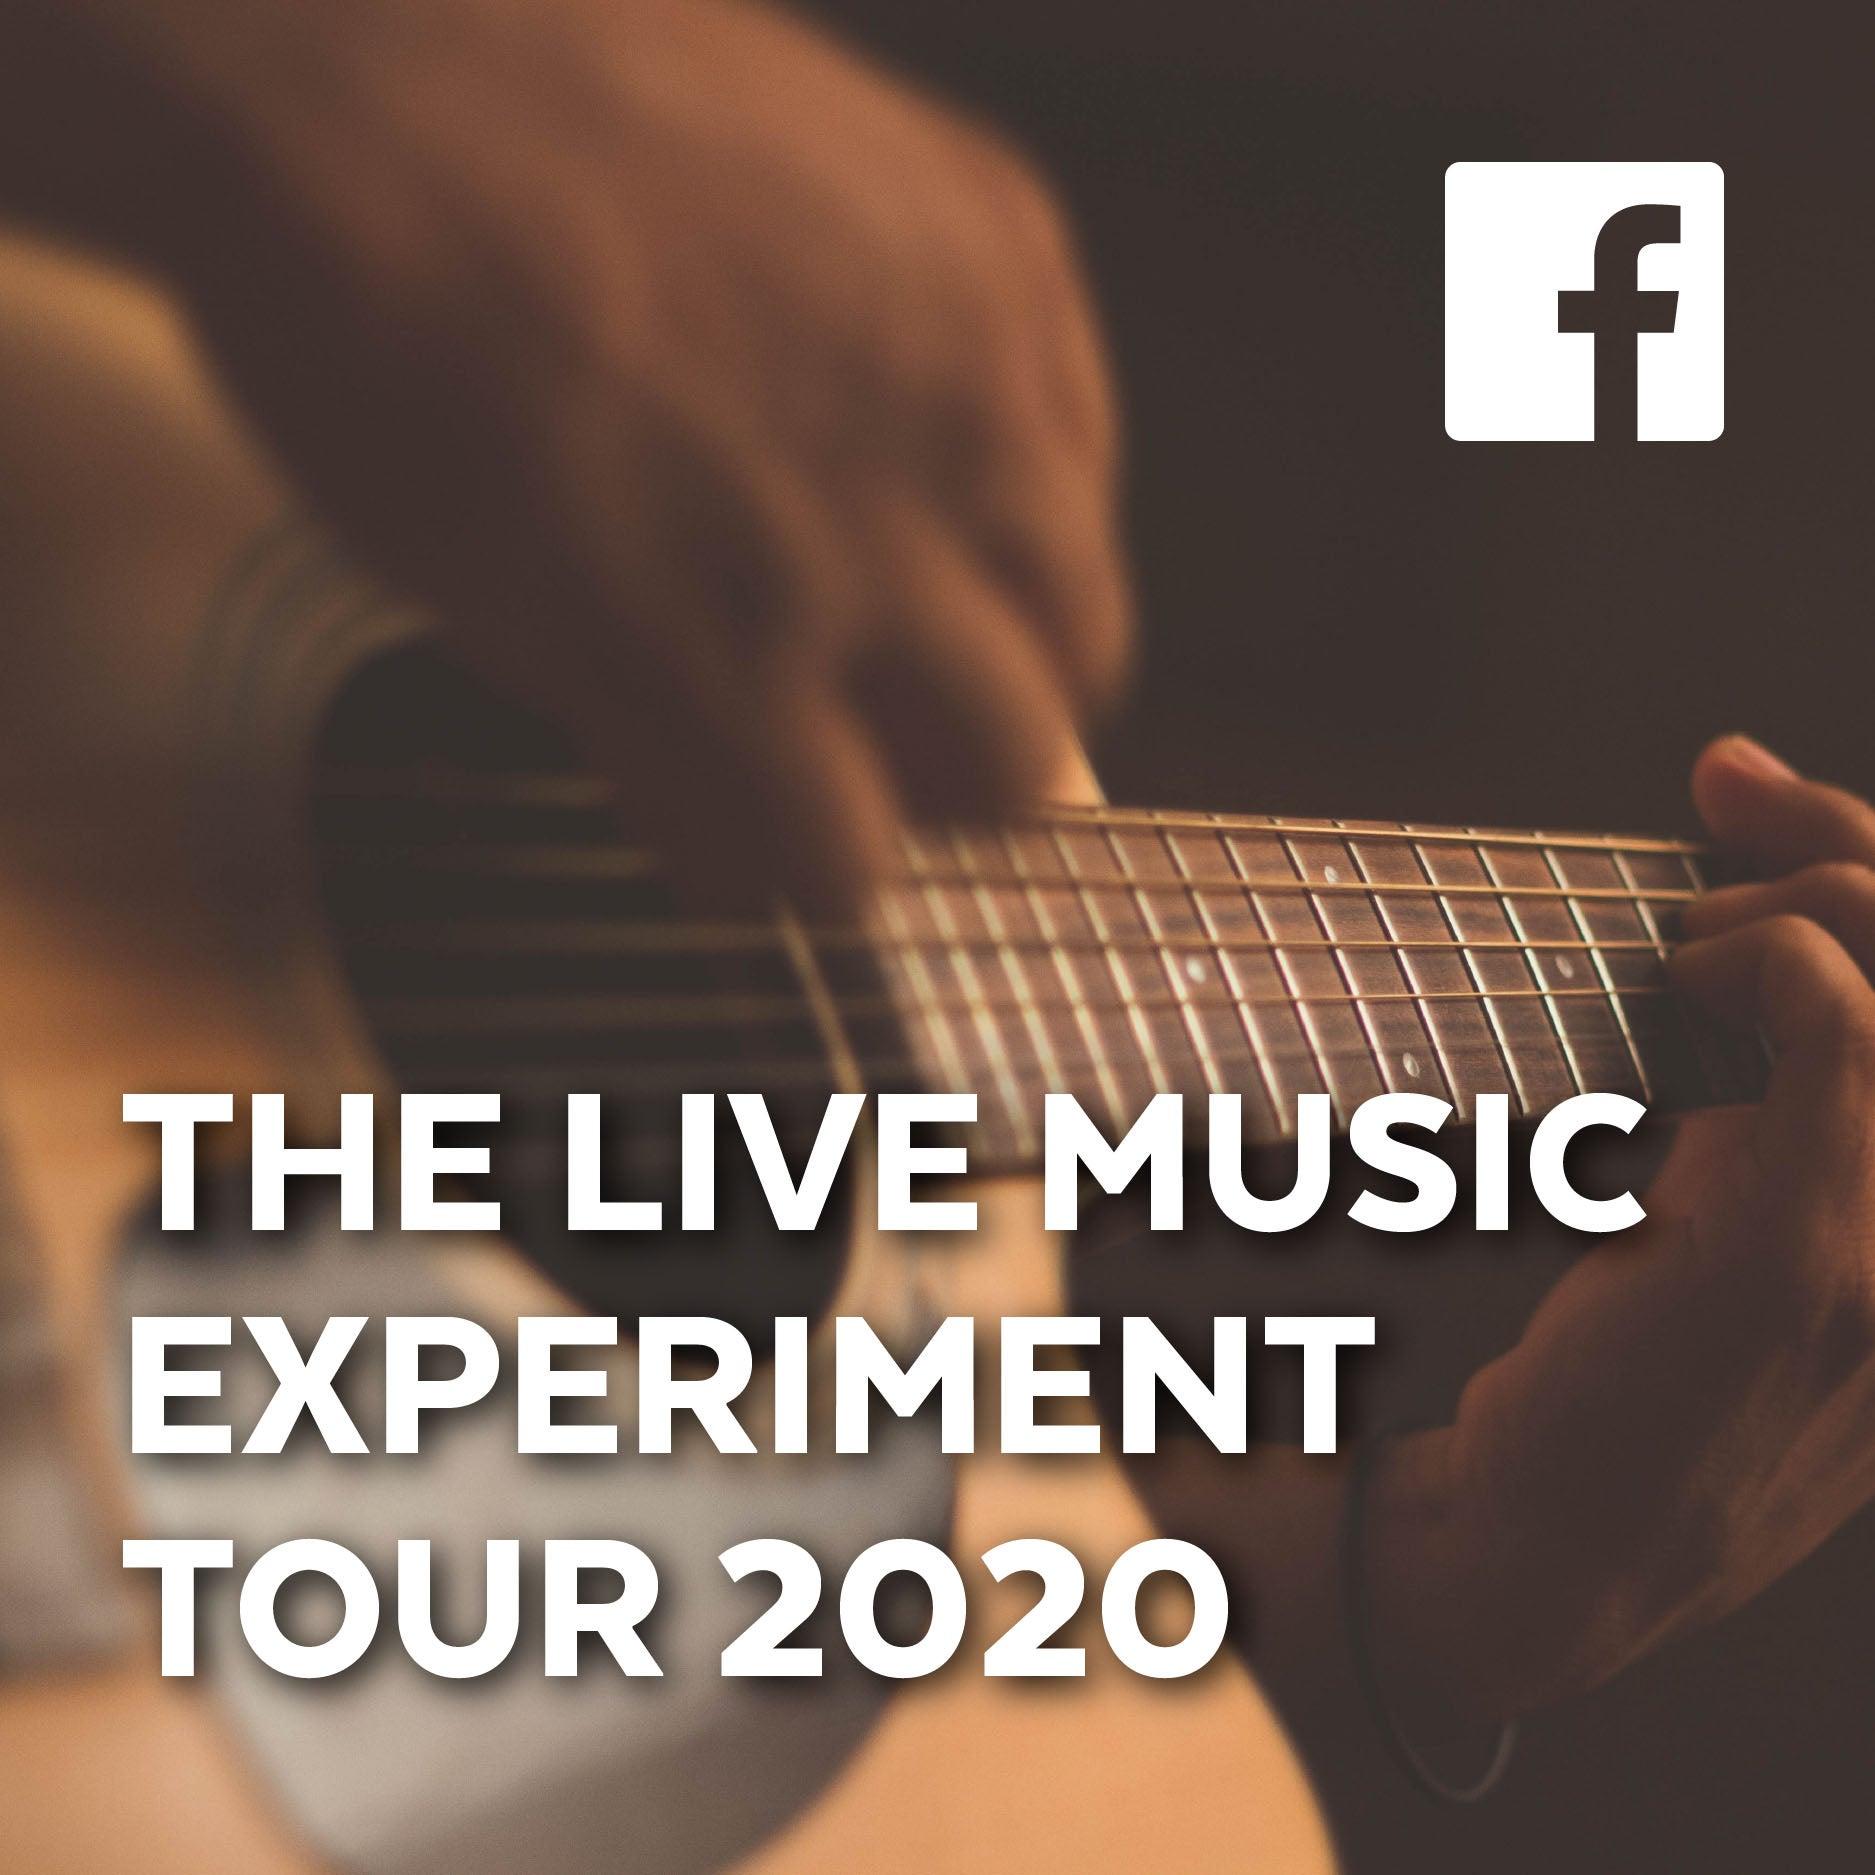 LiveMusicExperiment-01.jpg